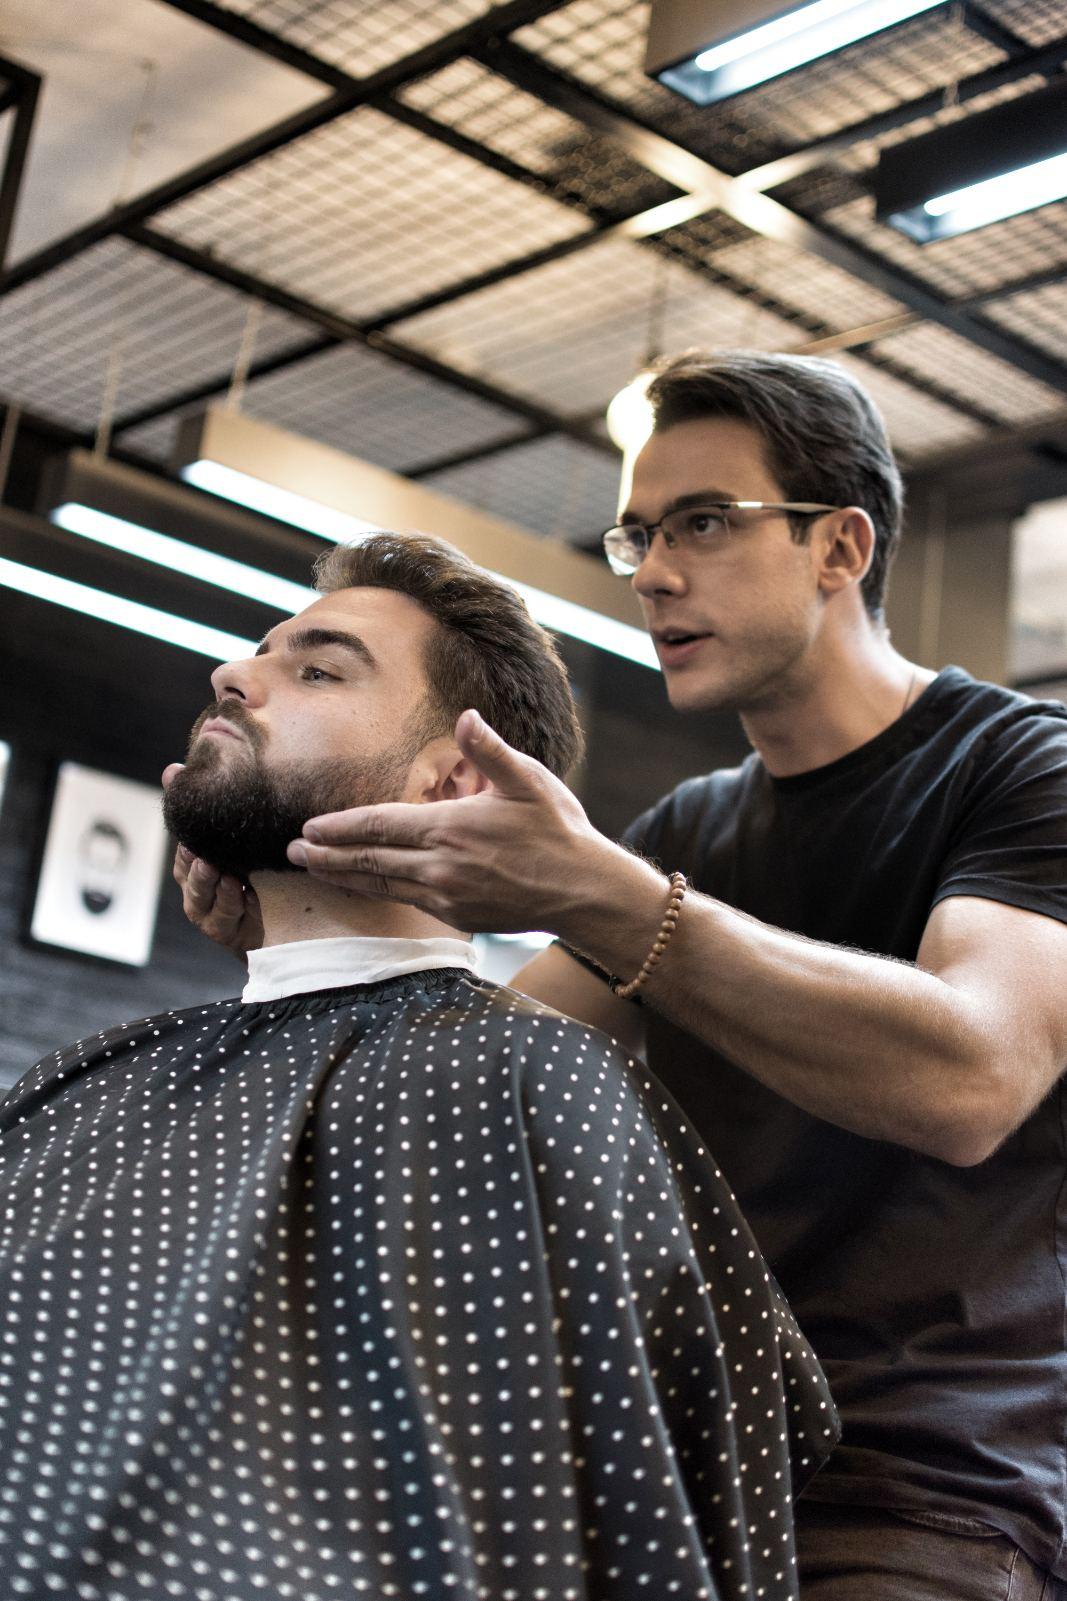 Photo of Piroćanac državni prvak u friziranju. Septembra će se takmičiti na Svetskom prvenstvu u Parizu